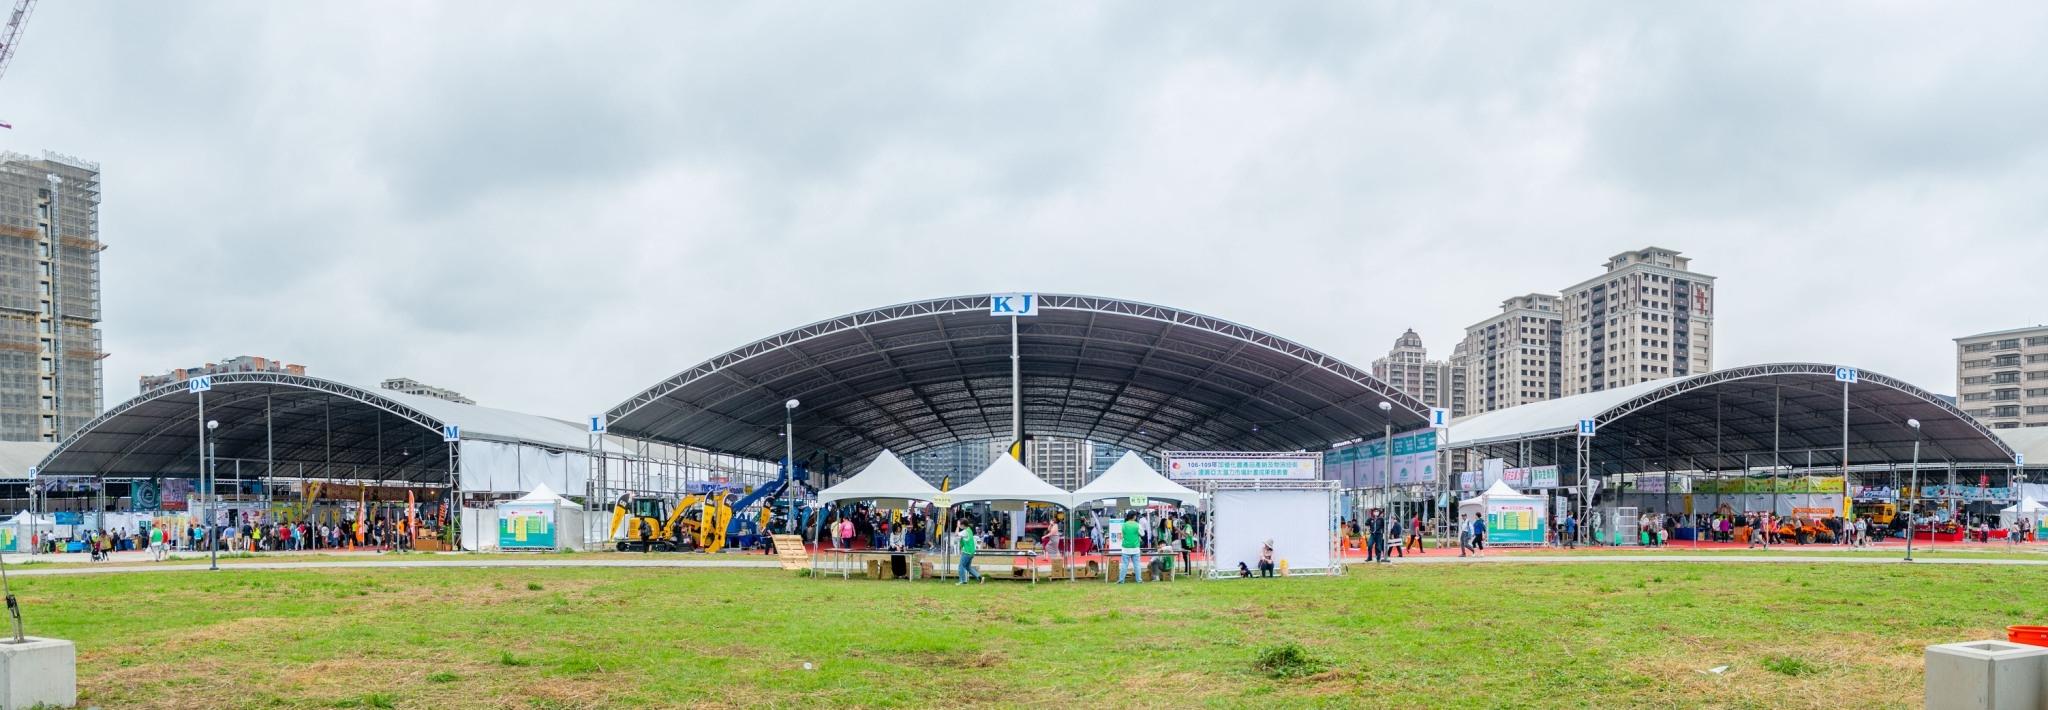 第15屆台灣國際農業機械暨資材展圓滿閉幕,移師桃園創造5億元商機